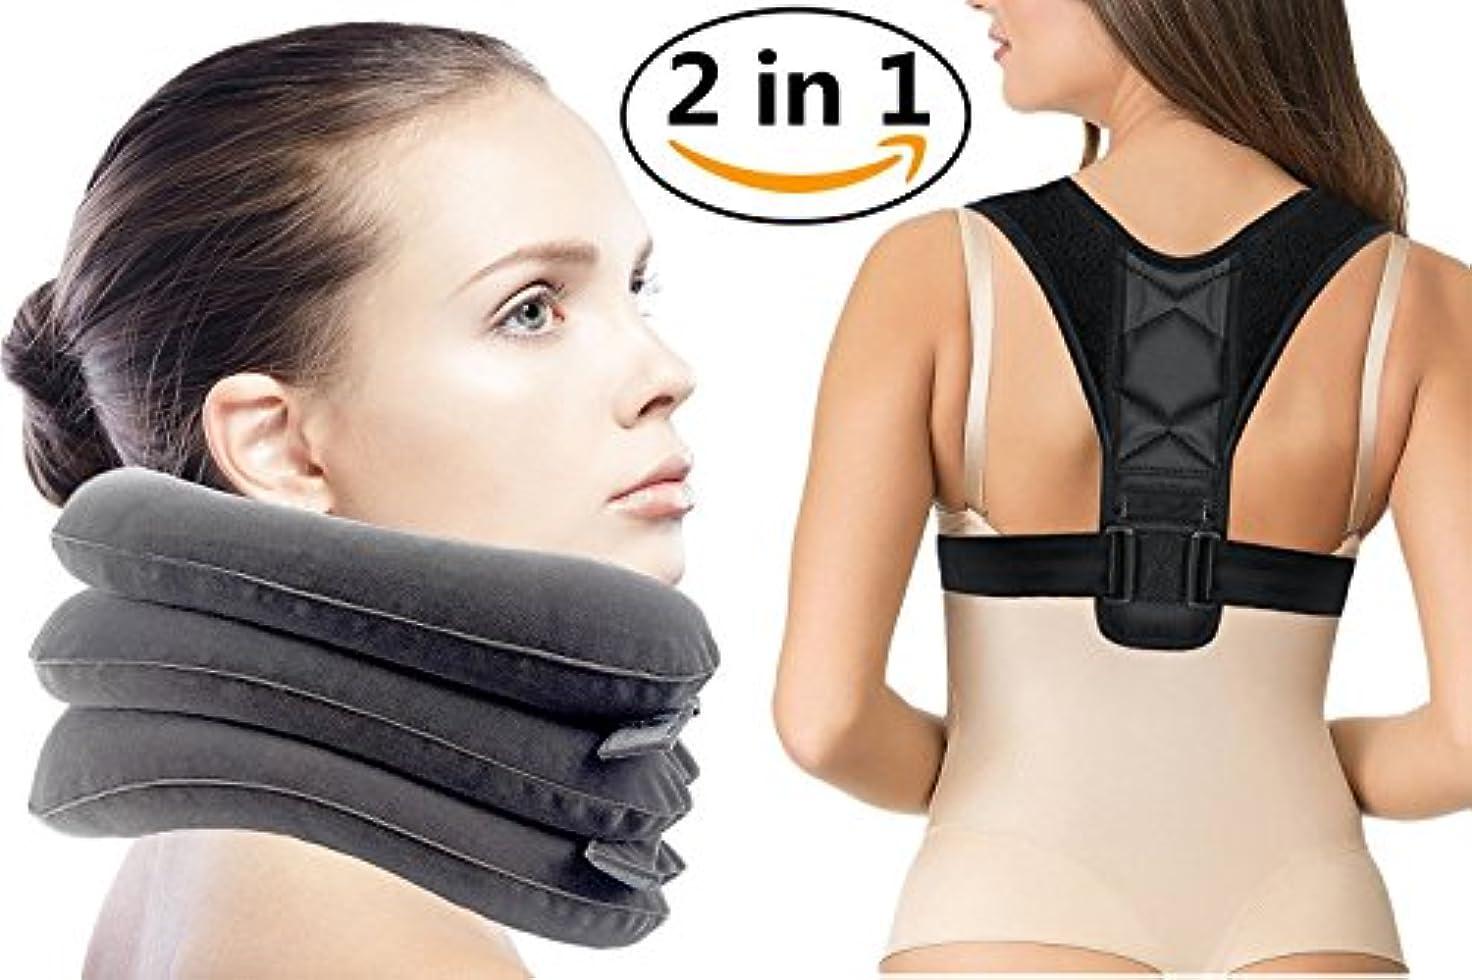 市長慎重に落ち着いて頸椎牽引装置および背もたれ姿勢矯正器、肩および頸部の痛み緩和、ホームトラクション脊柱整列のためのネックストレッチャーカラー